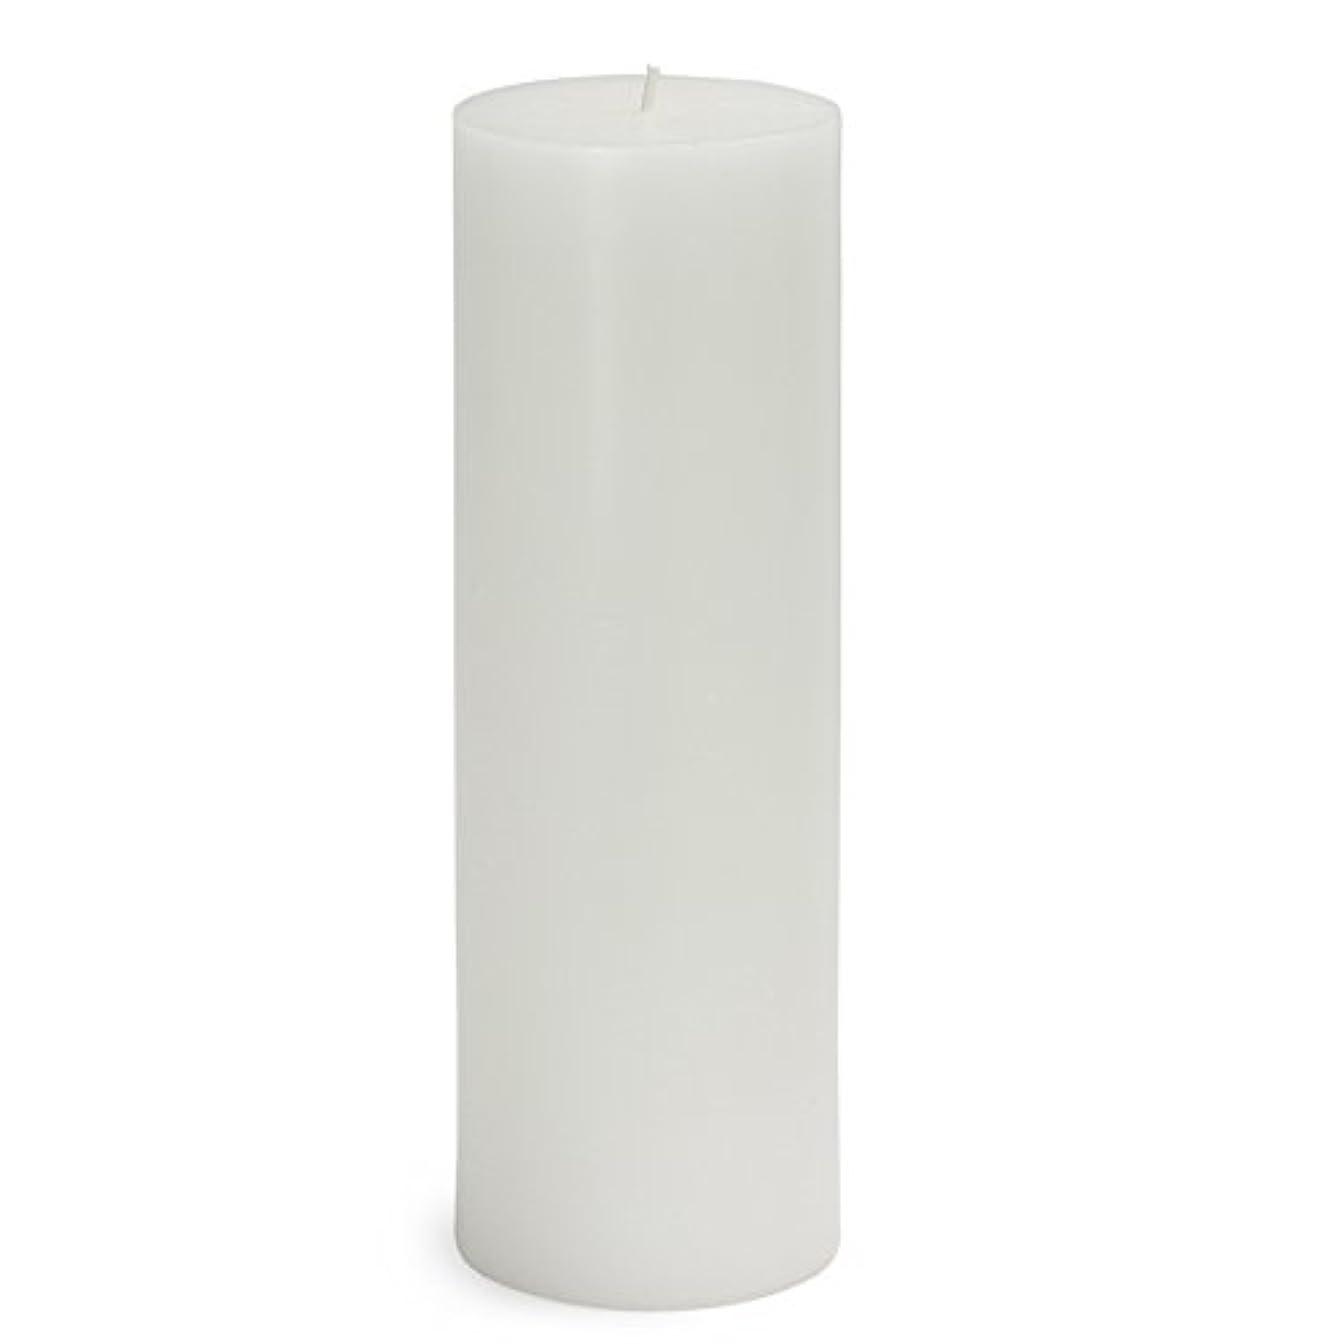 スリラーふくろう教会Zest Candle CPZ-093-12 3 x 9 in. White Pillar Candles -12pcs-Case - Bulk